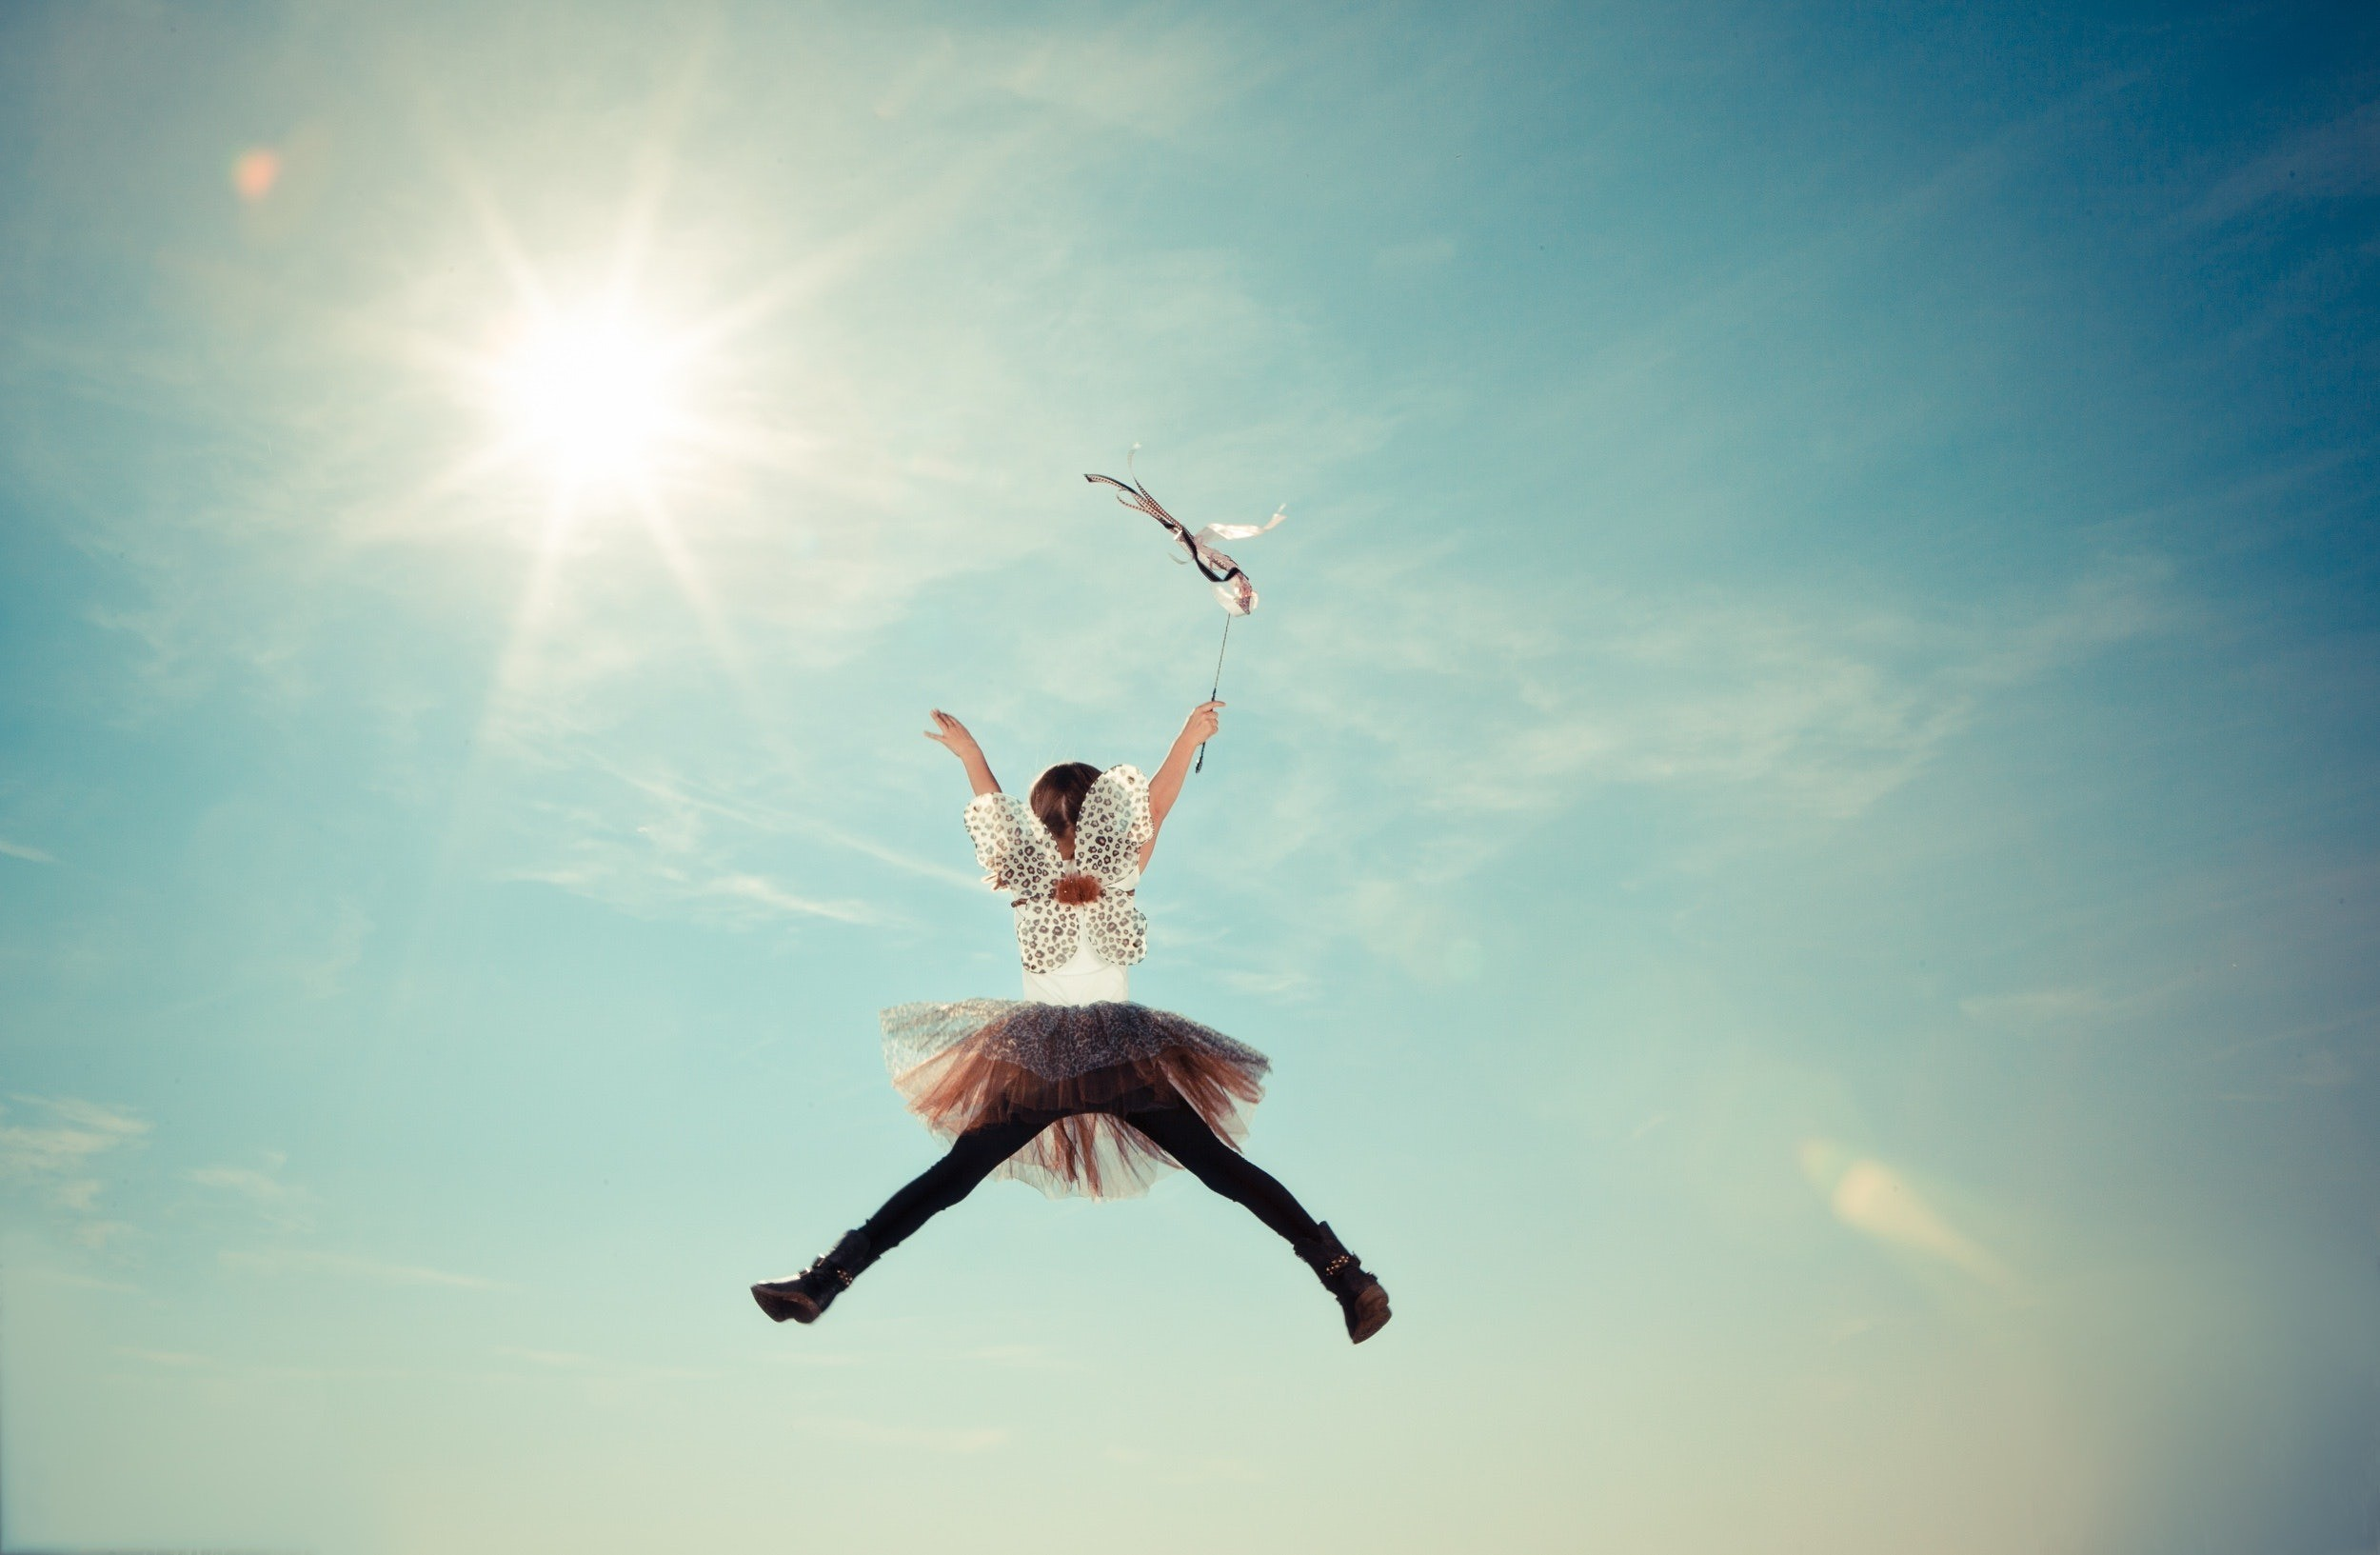 О чем можно разговаривать с ребенком: 25 идей развивающих тем